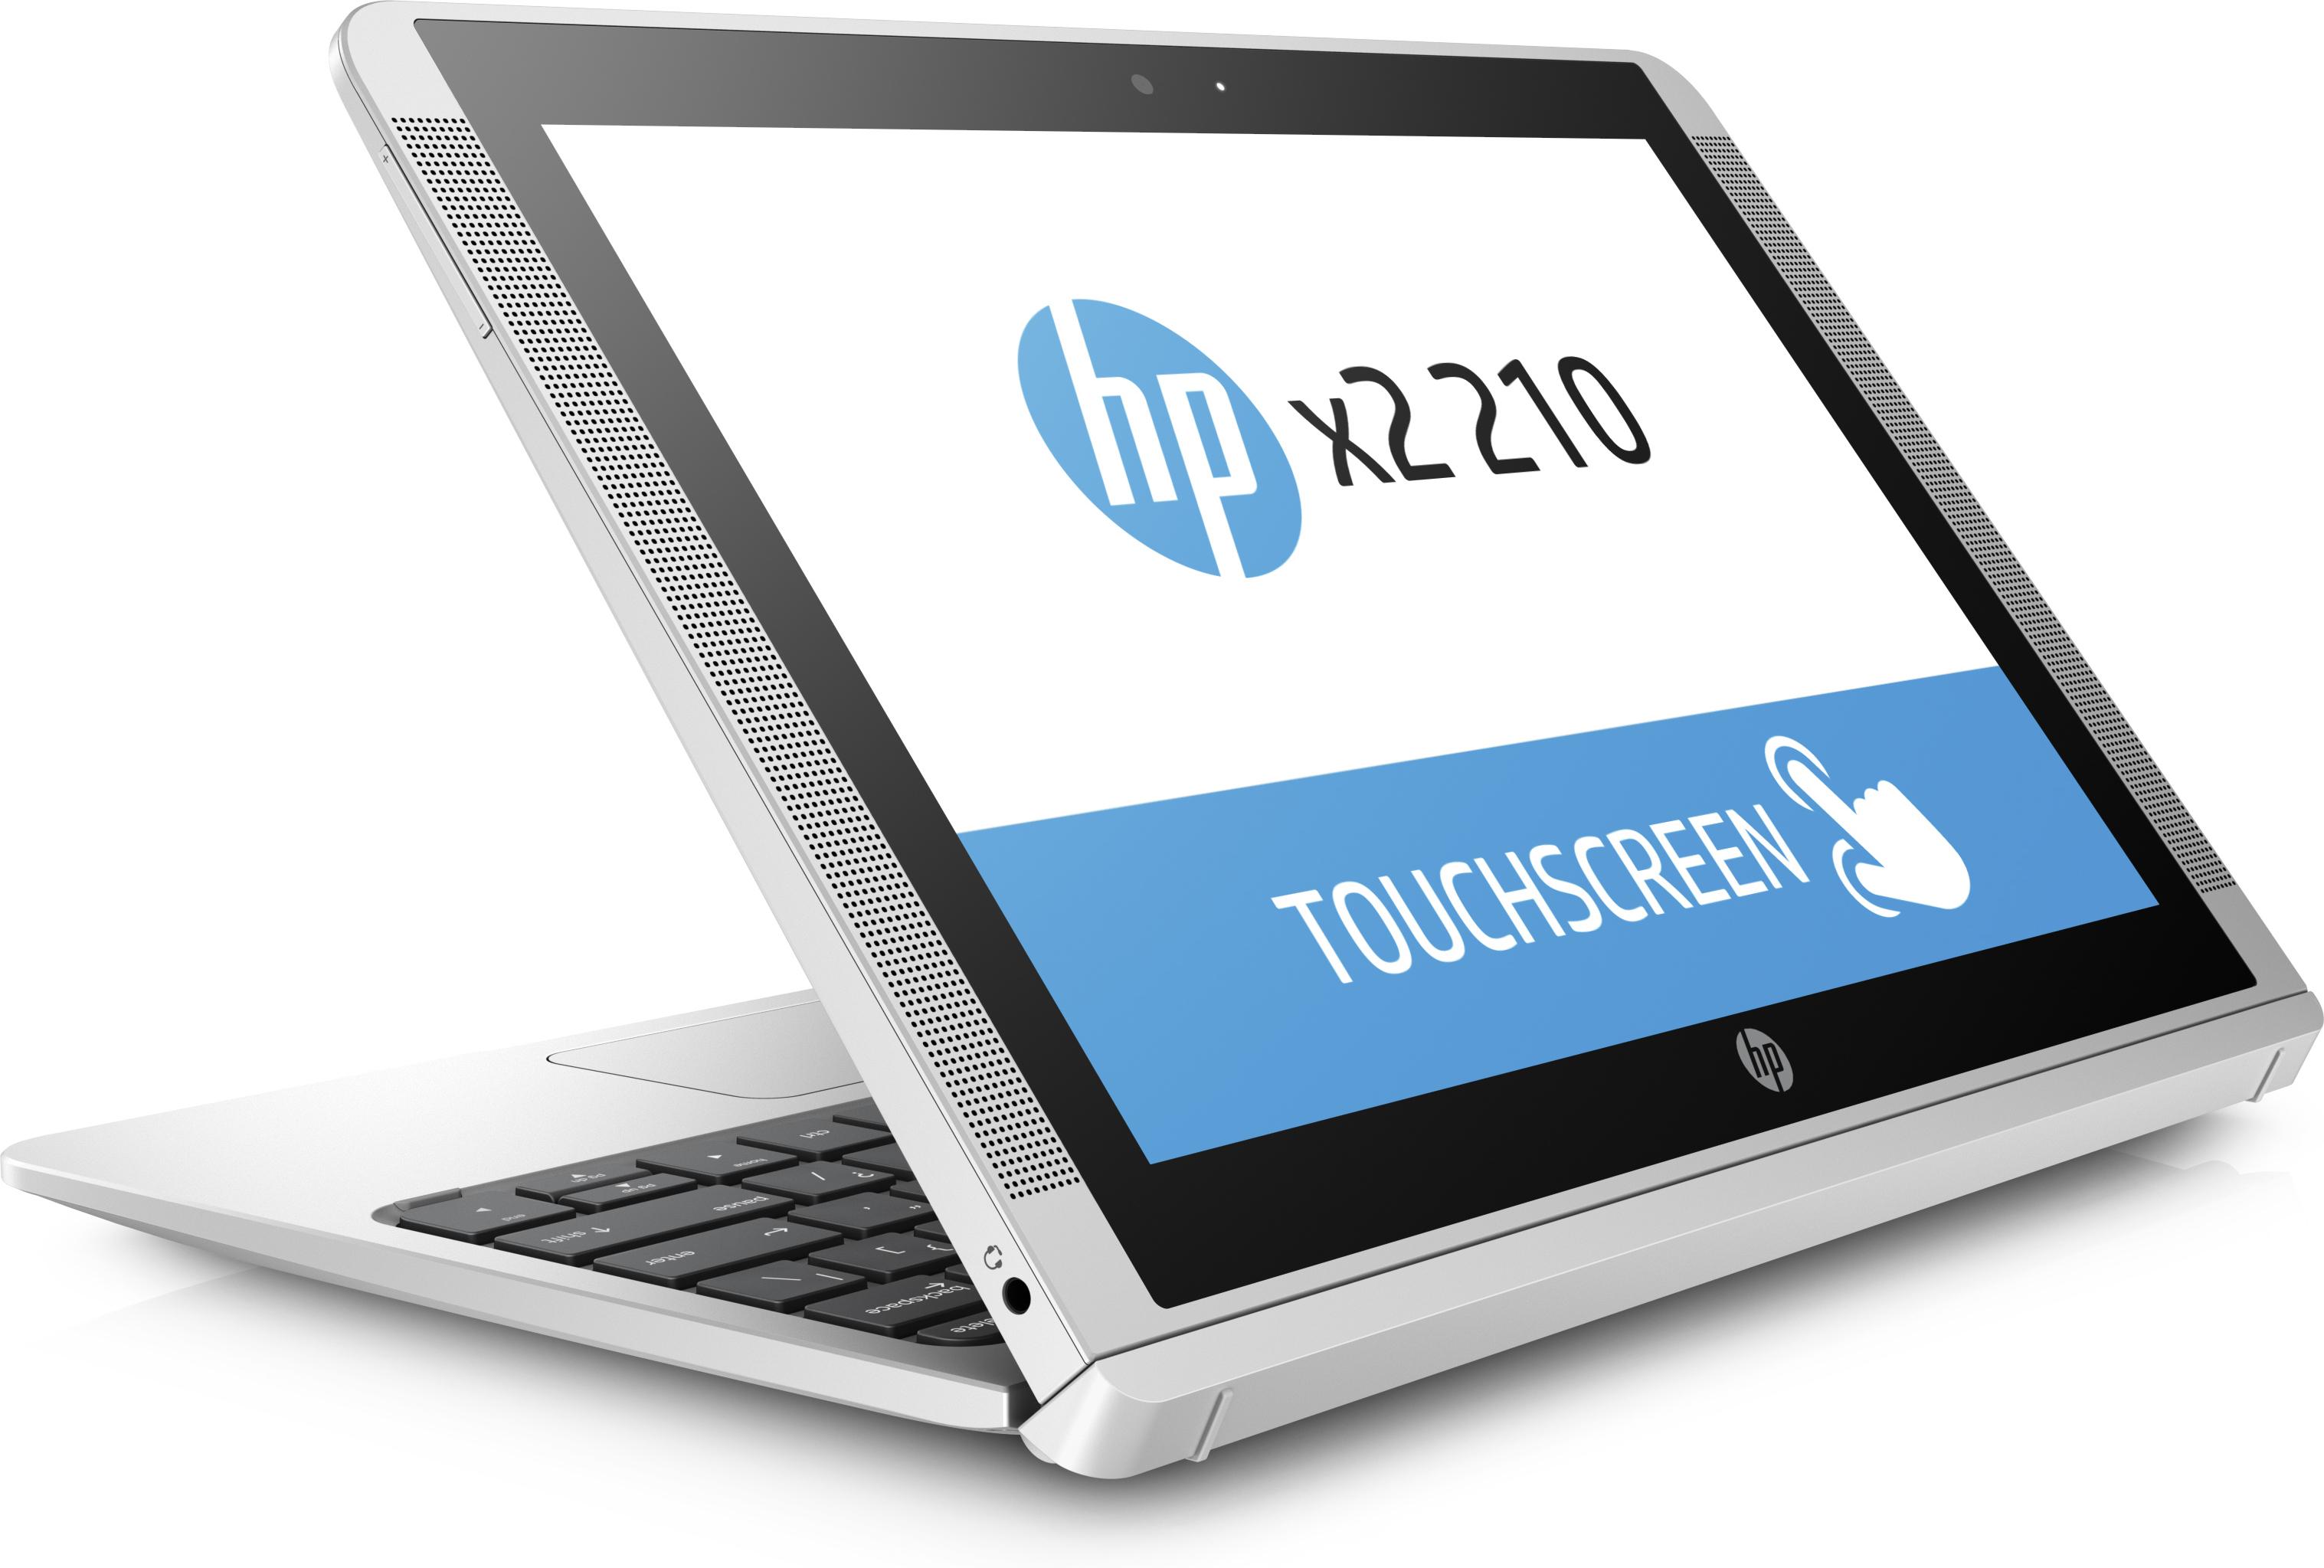 HP x2 210 G2 L5H40EA#ABU Atom x5-Z8350 2GB 32GB 10 1Touch BT CAM Win 10 Pro  Silver